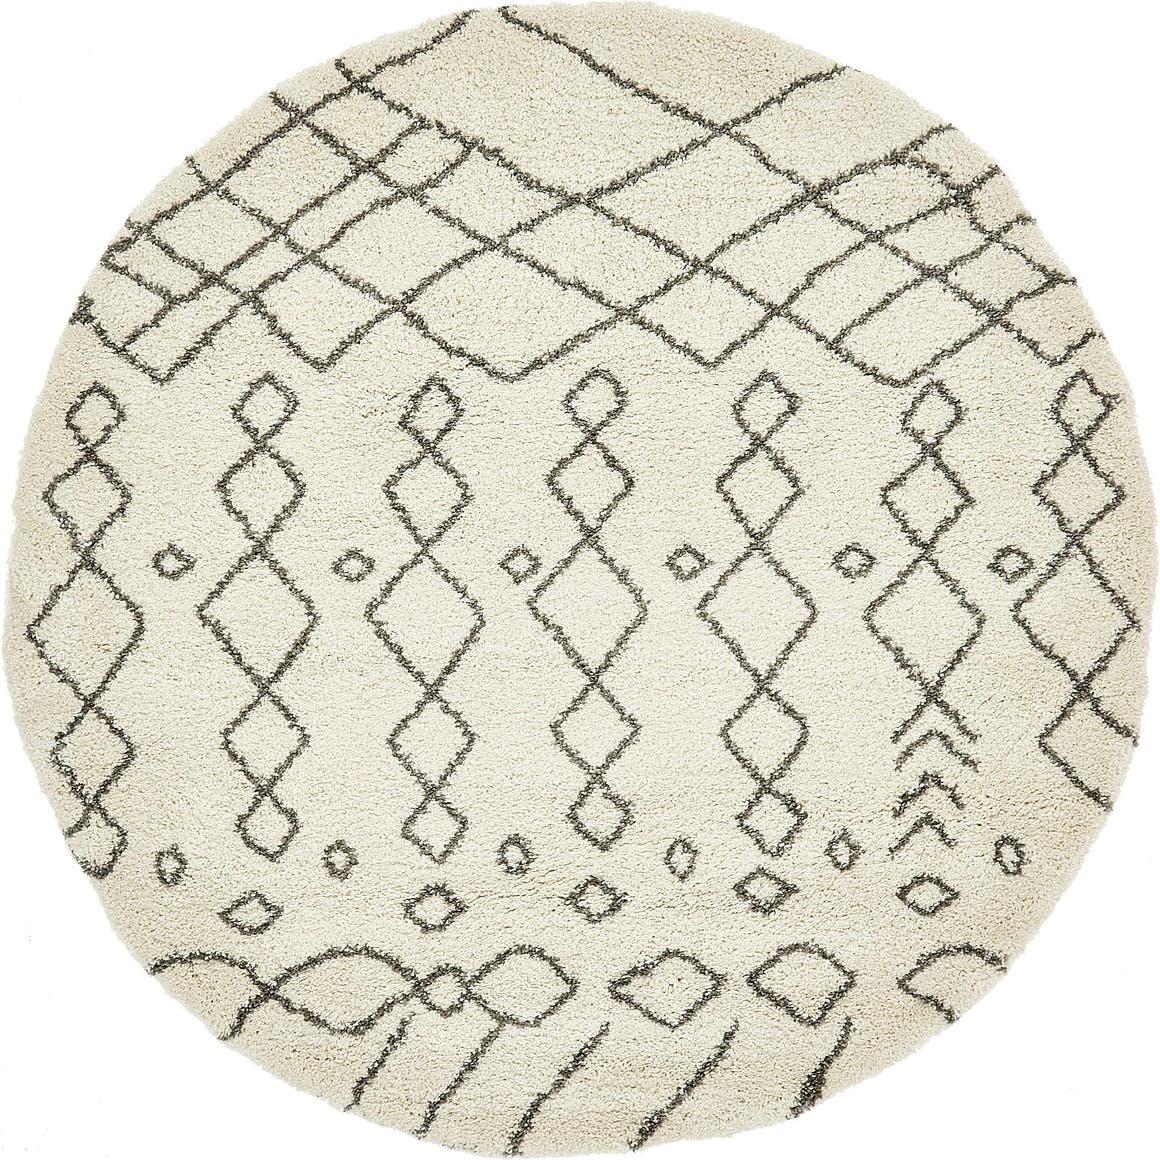 8' x 8' Marrakesh Shag Round Rug main image